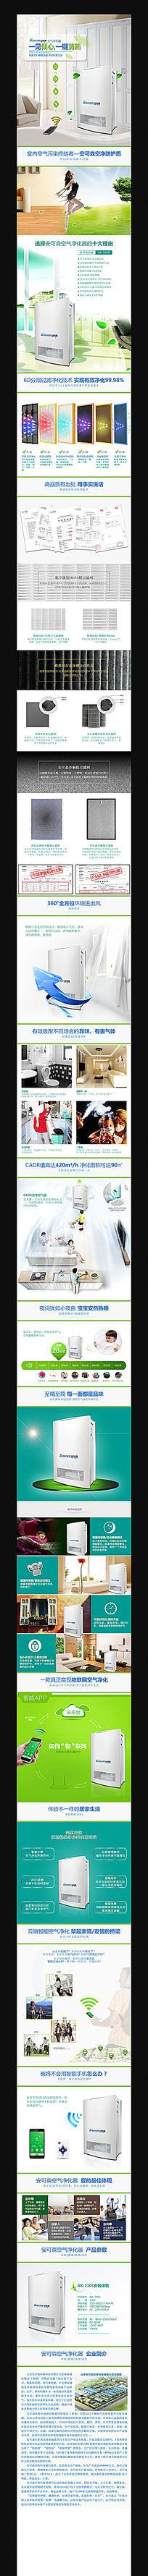 淘宝空气净化器描述图